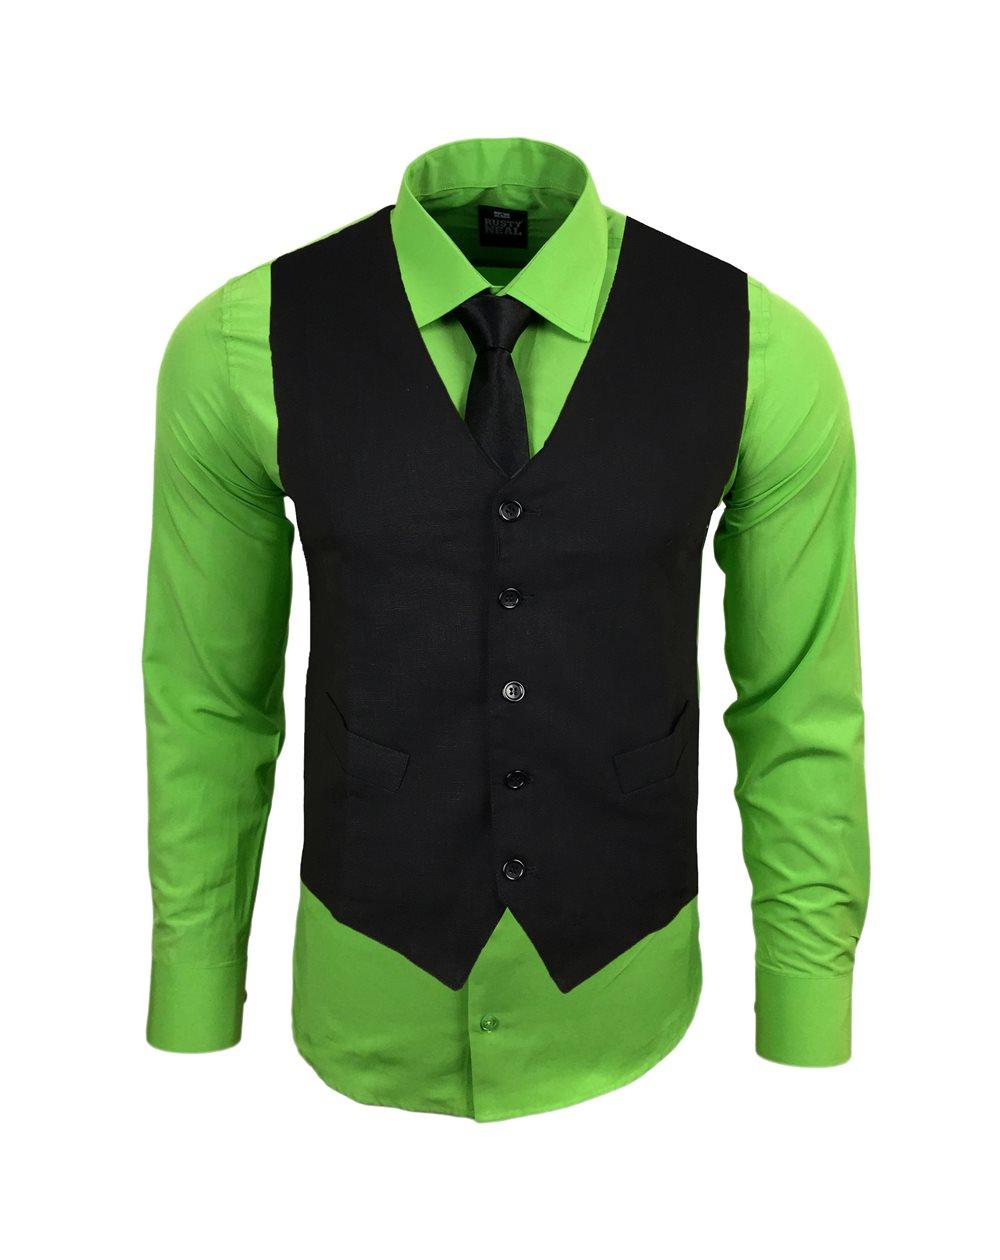 Subliminal Mode - Gilet + Chemise + Cravate homme bicolore uni manches longues coupe slim business RN33